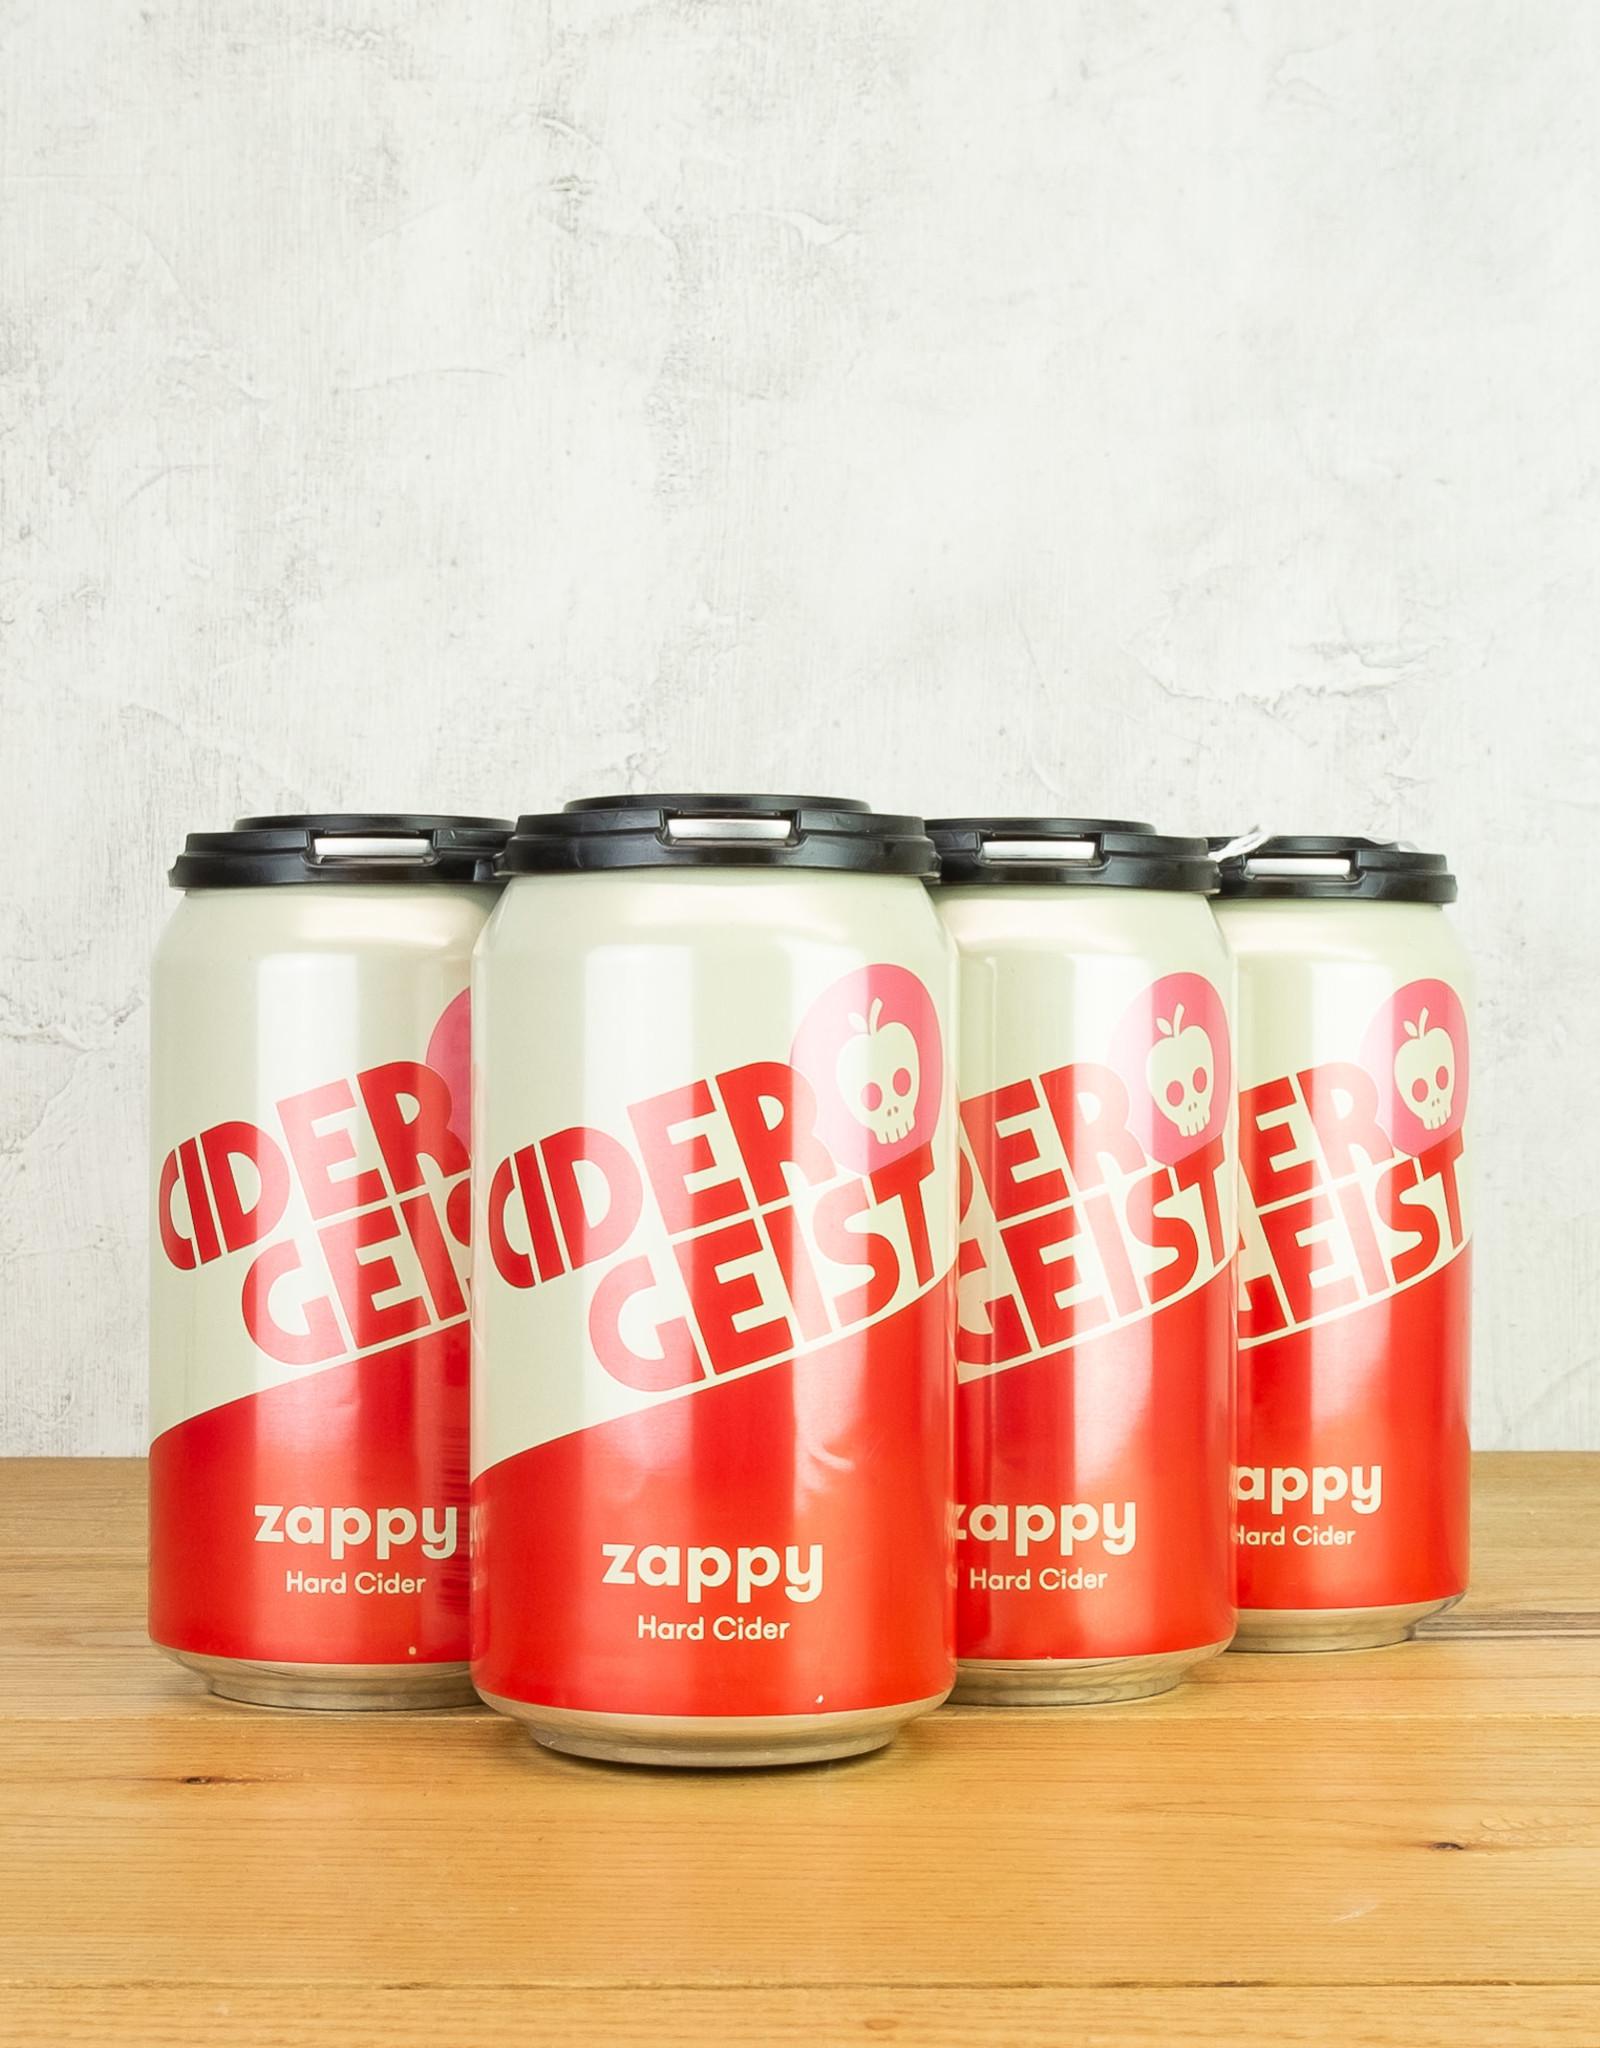 Cidergeist Zappy Hard Cider